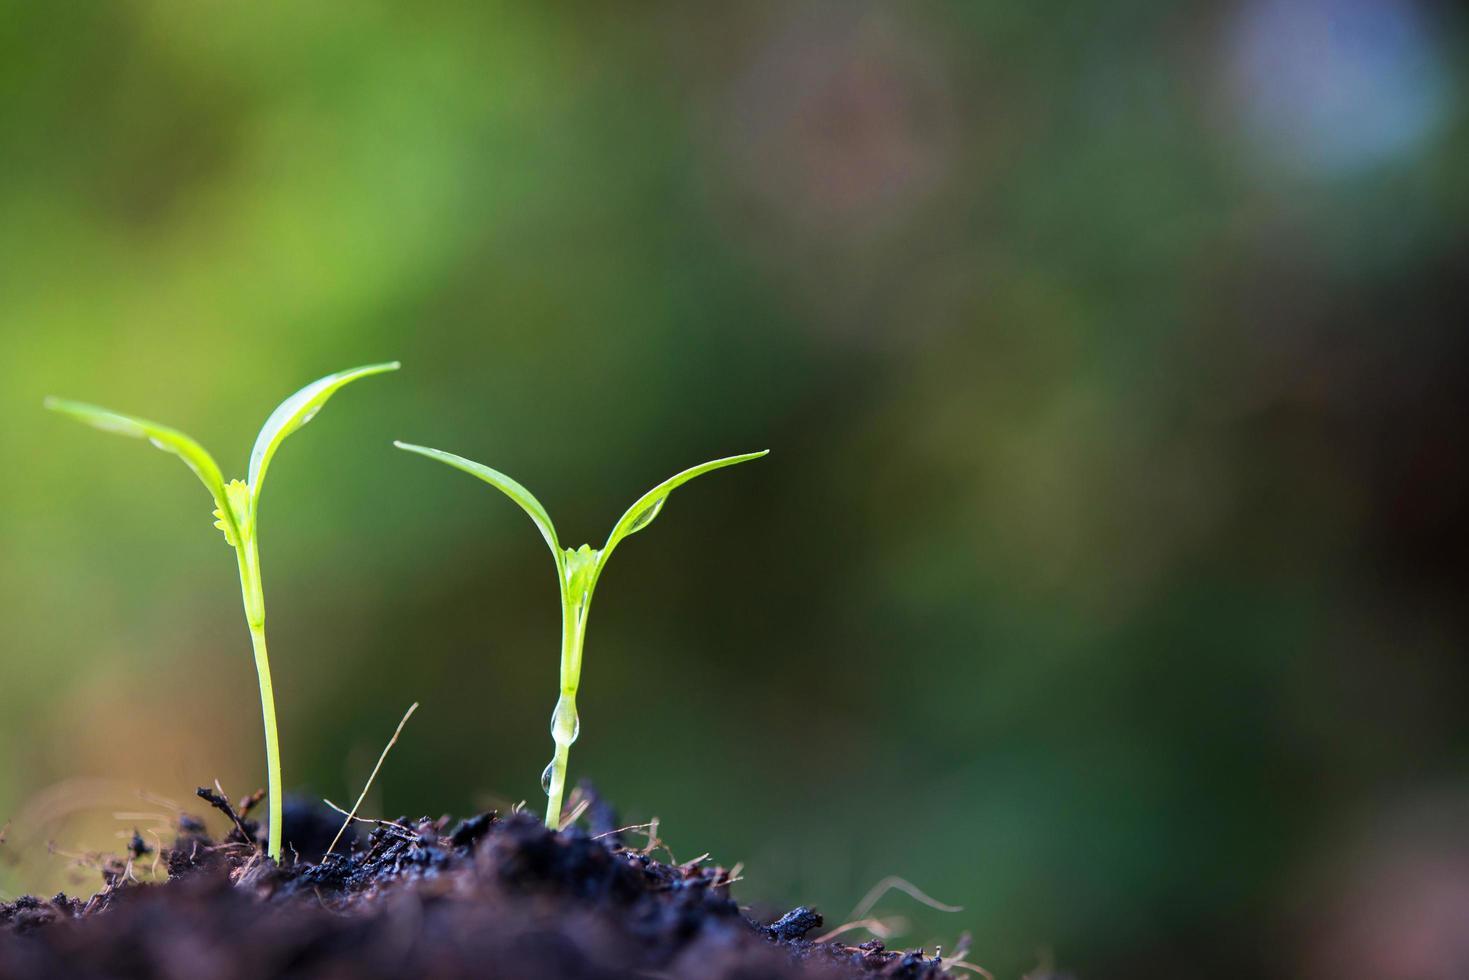 Nahaufnahme sprießende Pflanze in der Natur foto